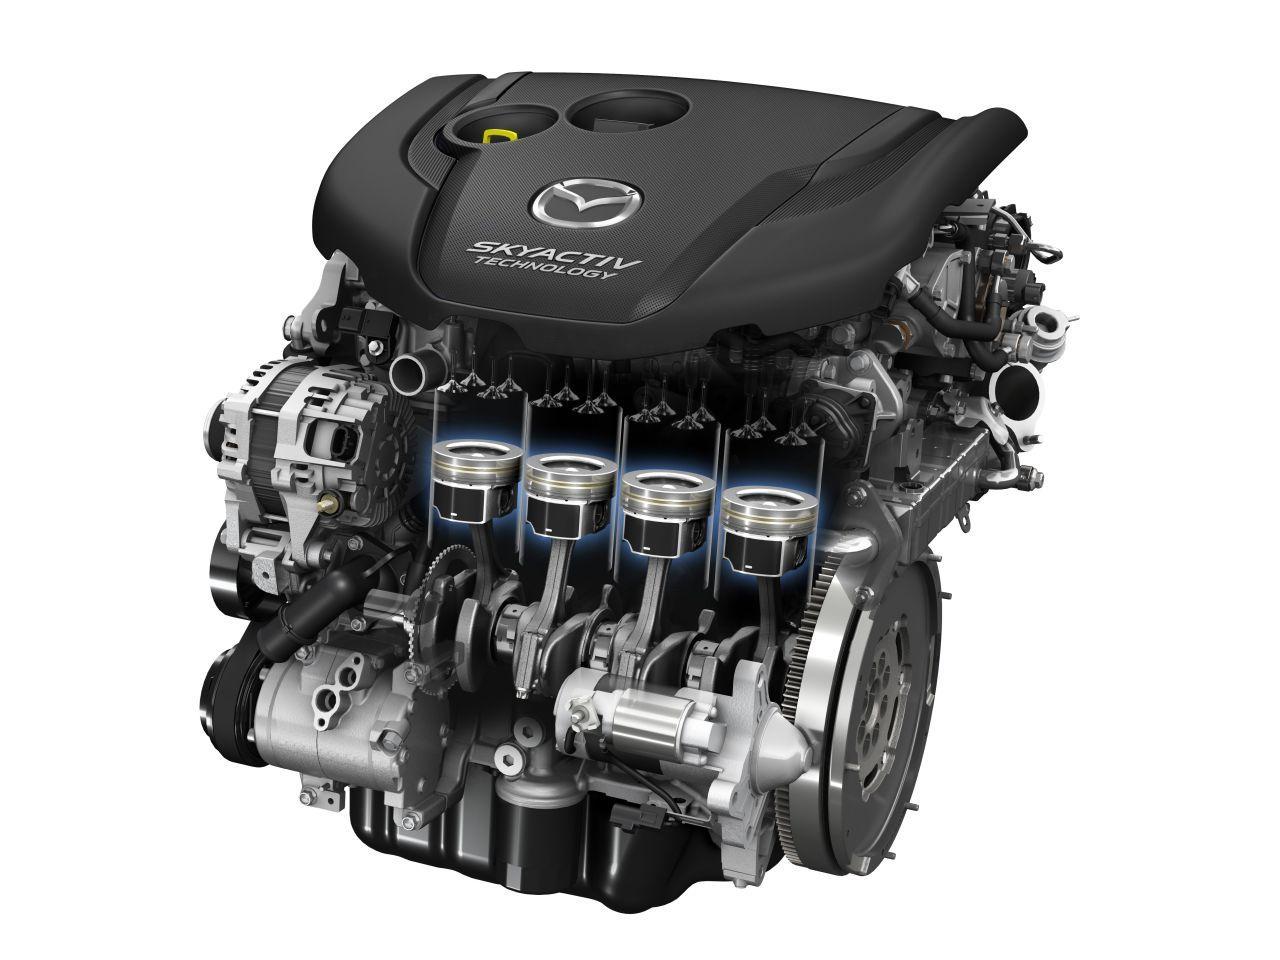 MAZDA 3 2014 2.0 SkyActiv G Engine